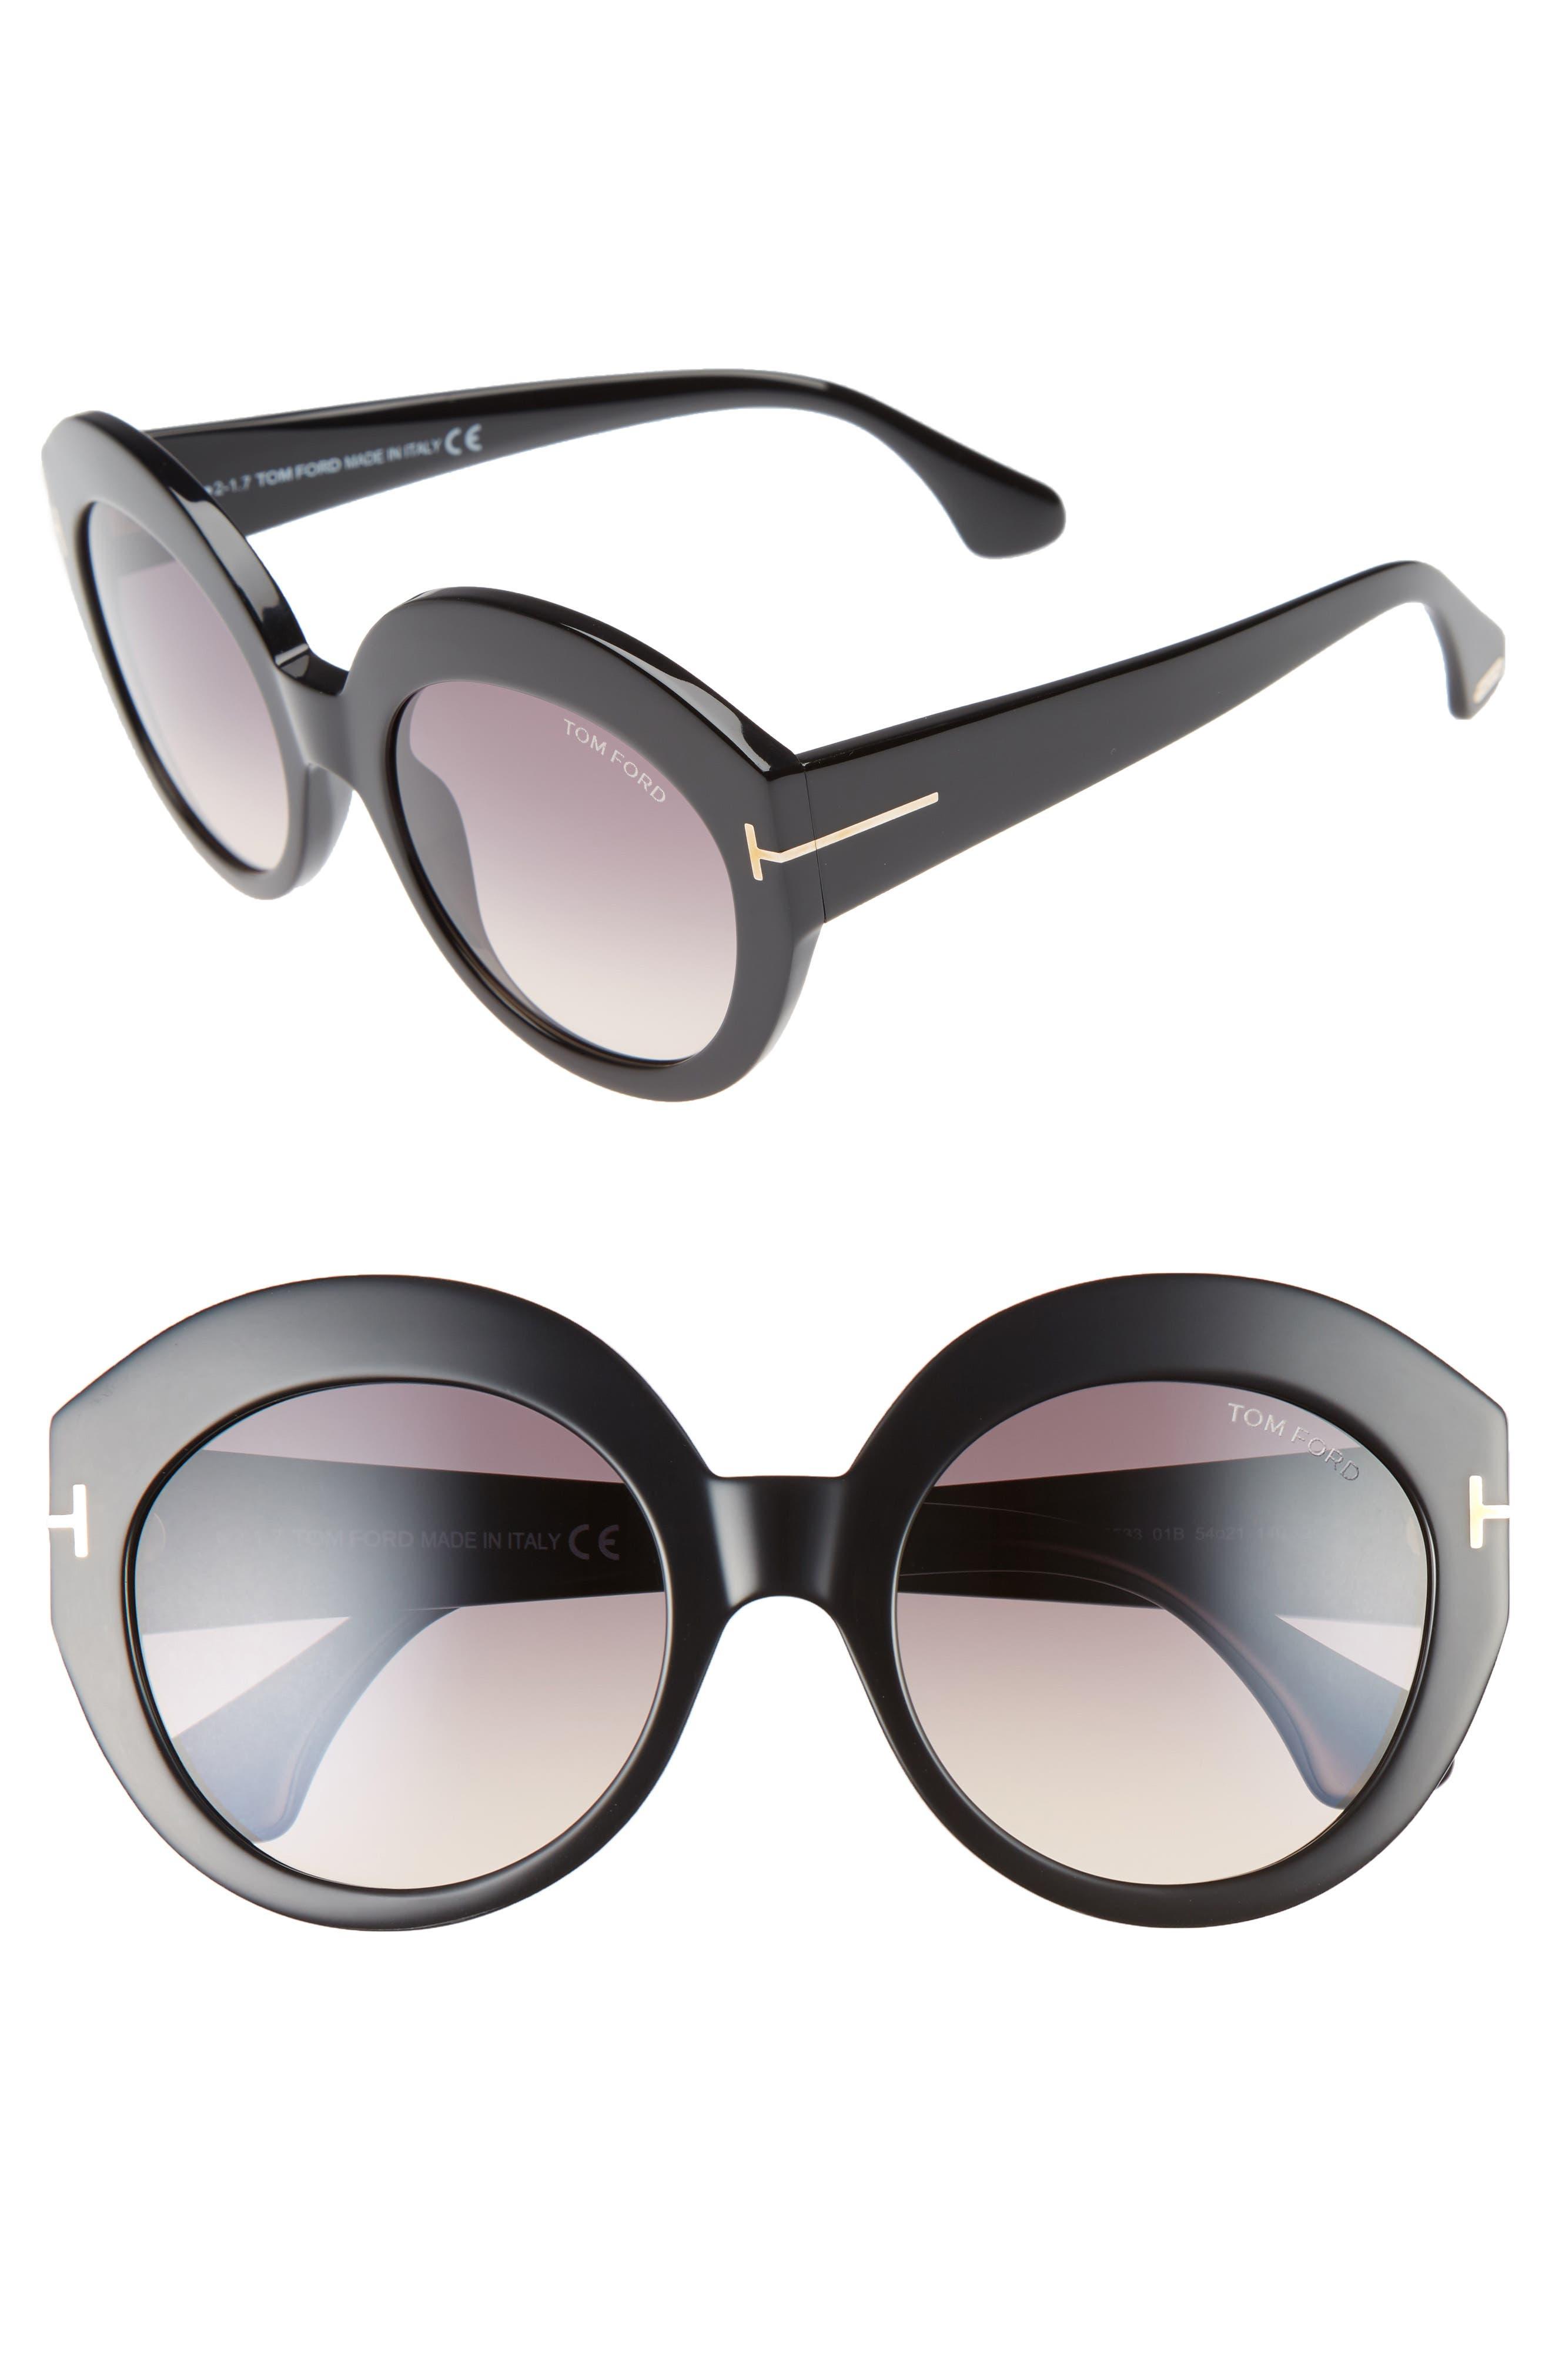 Rachel 54mm Gradient Lens Sunglasses,                         Main,                         color, Shiny Black/ Gradient Smoke